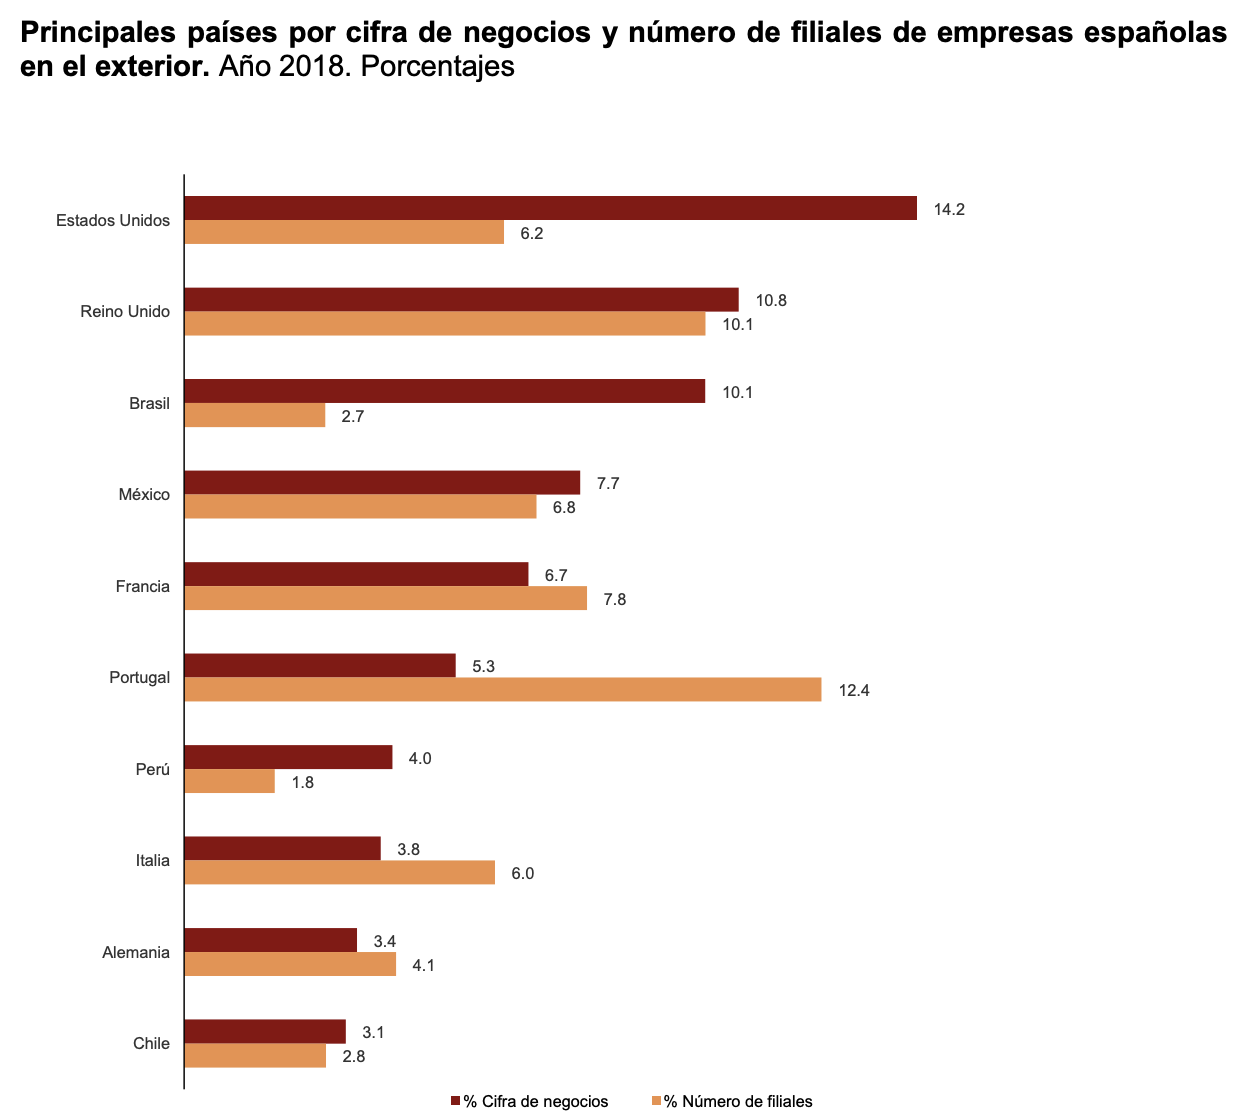 La Industria manufacturera una de las actividades con mayor facturación de las filiales españolas 5